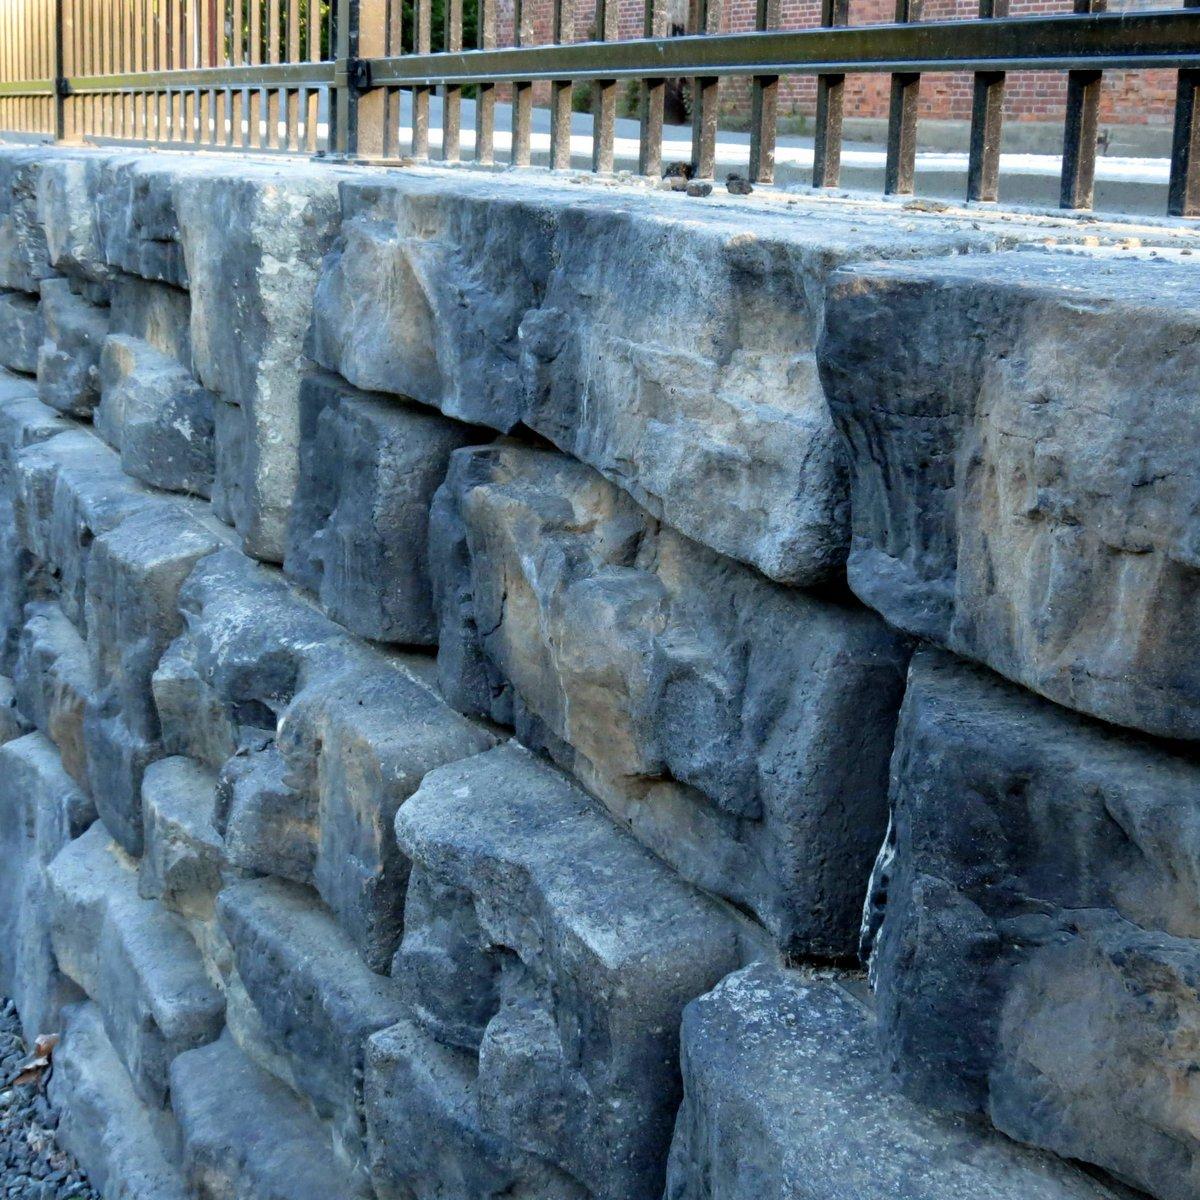 3. Fake Stone Wall